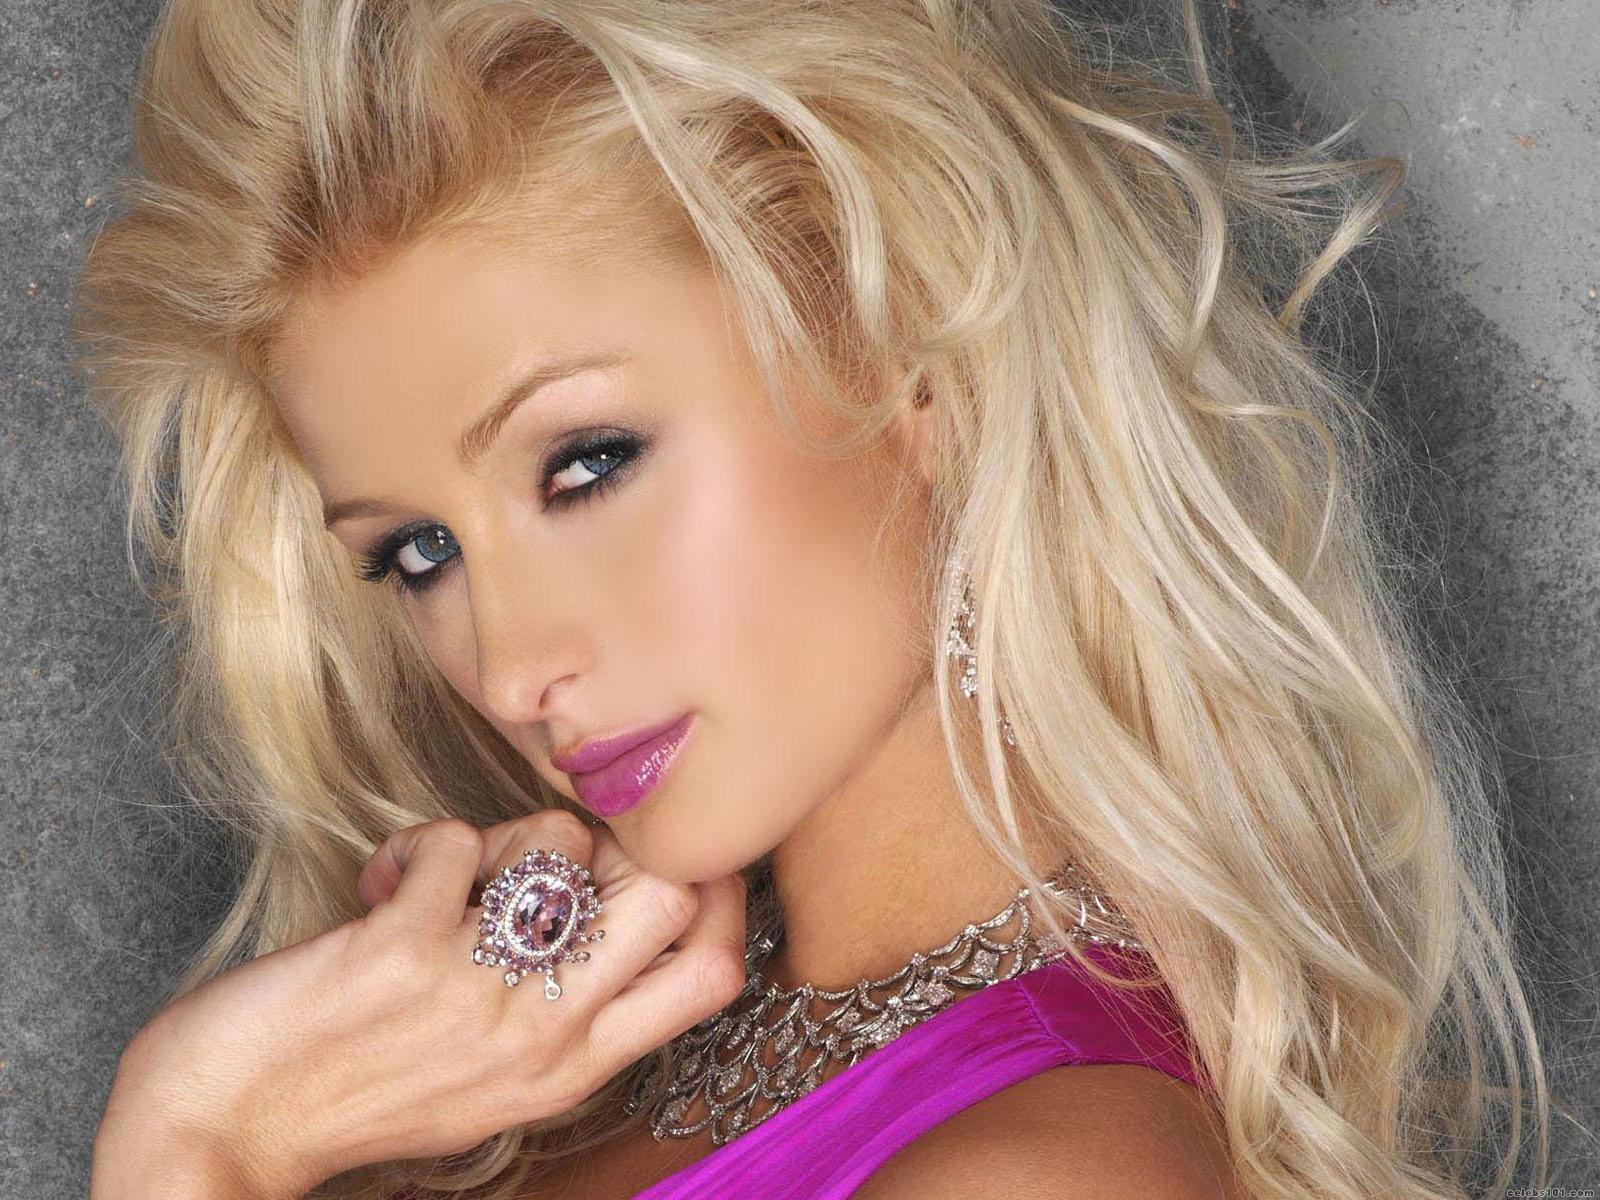 Самые красивые девушки мира блондинки фото, женская грудь и попы